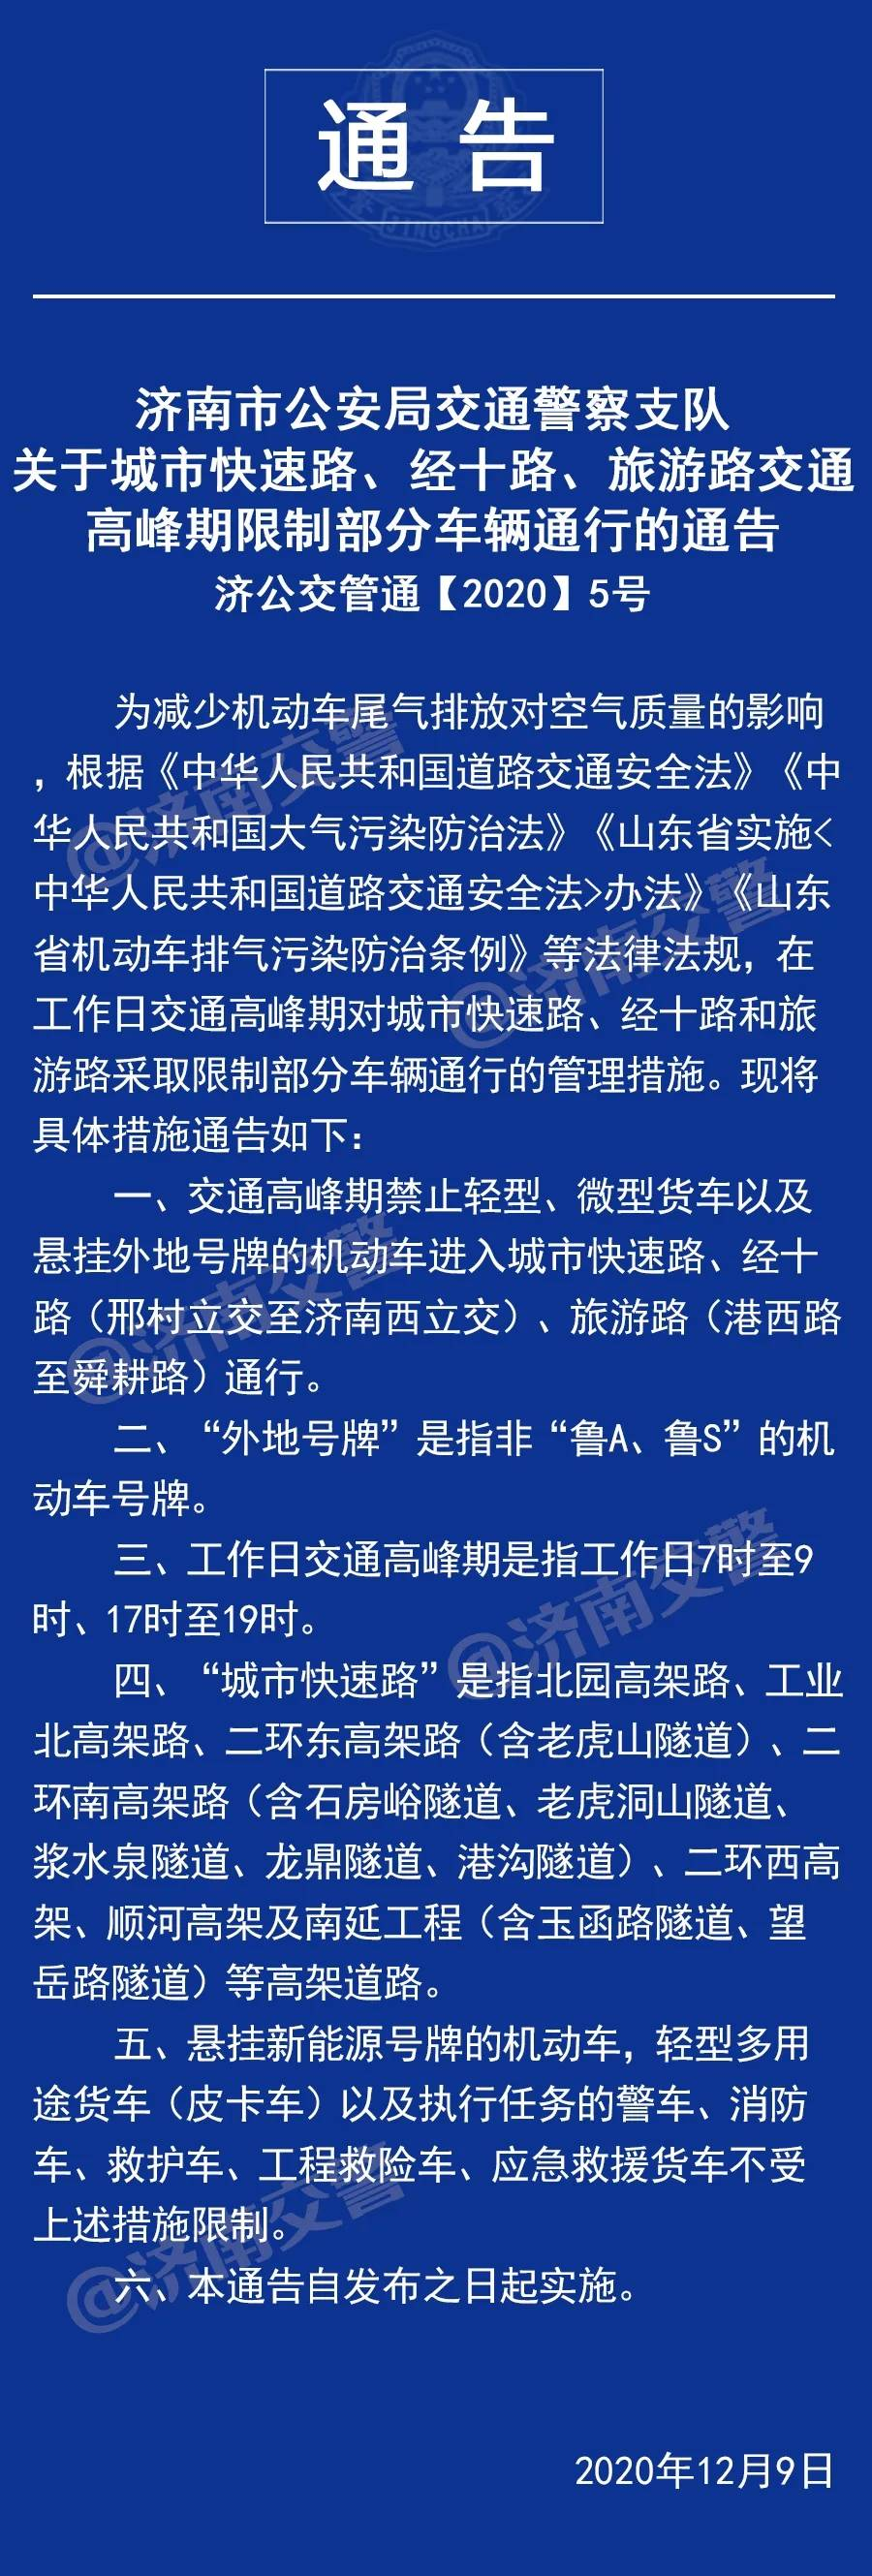 最新通告!济南发布高峰期限行通知,涉及这些路段